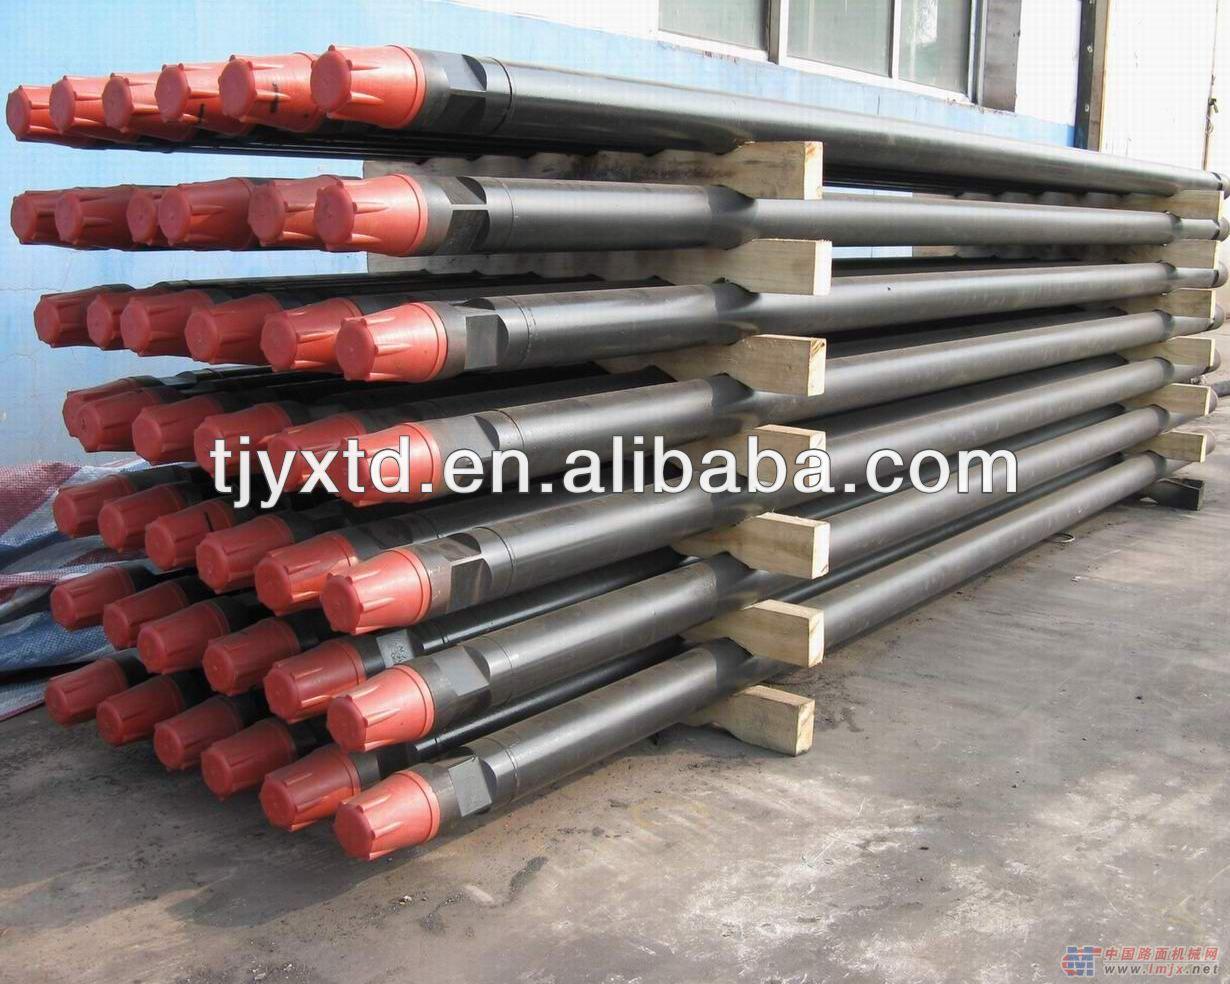 Grau s135 drill pipe, haste de perfuração da tubulação para a venda, petróleo tubo de perfuração